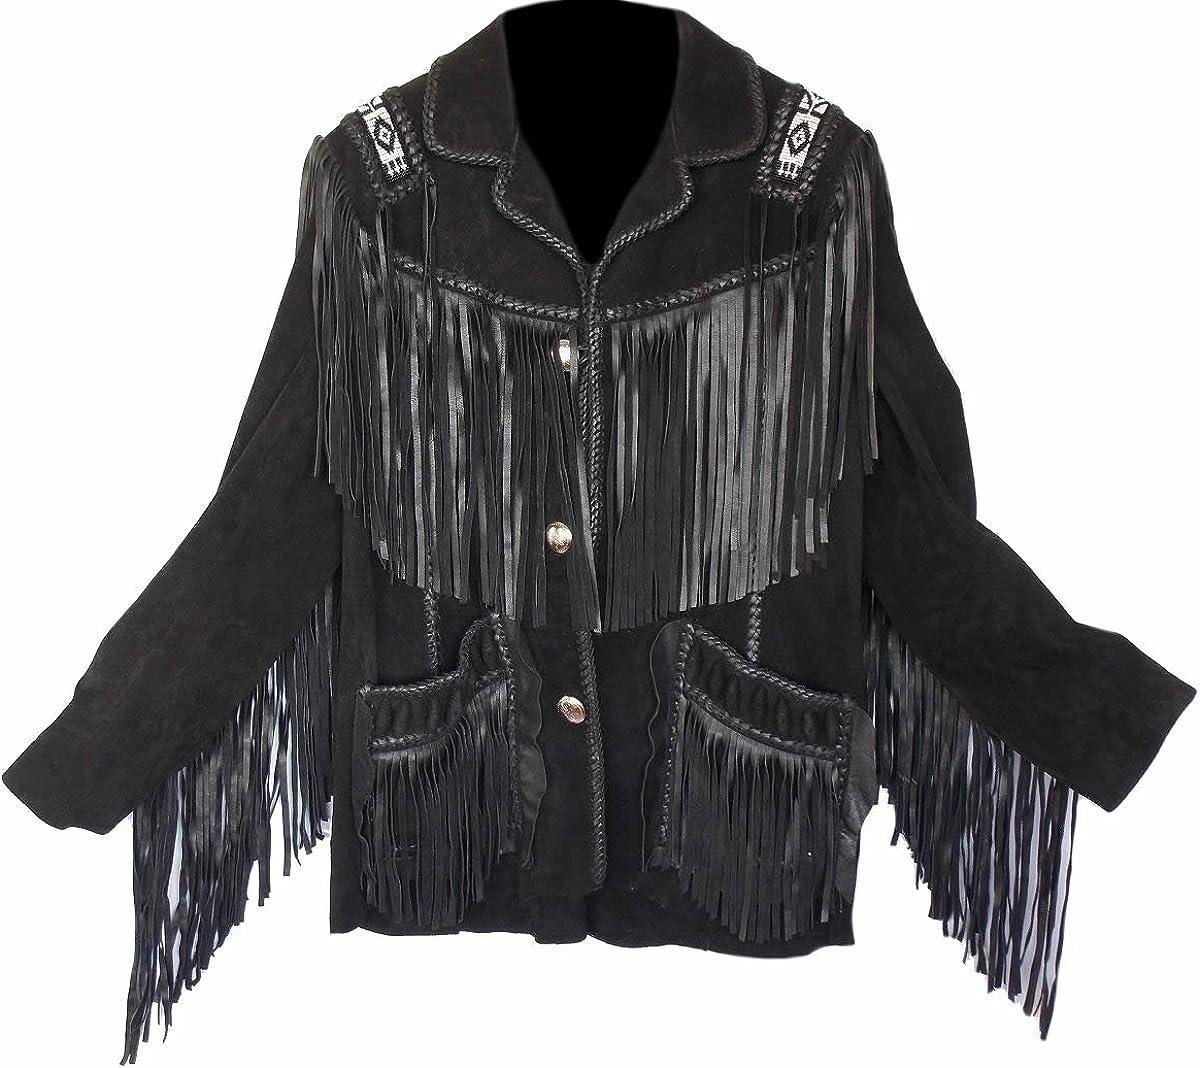 SleekHides Men's Western Cowboy Fringed & Beaded Suede Leather Jacket